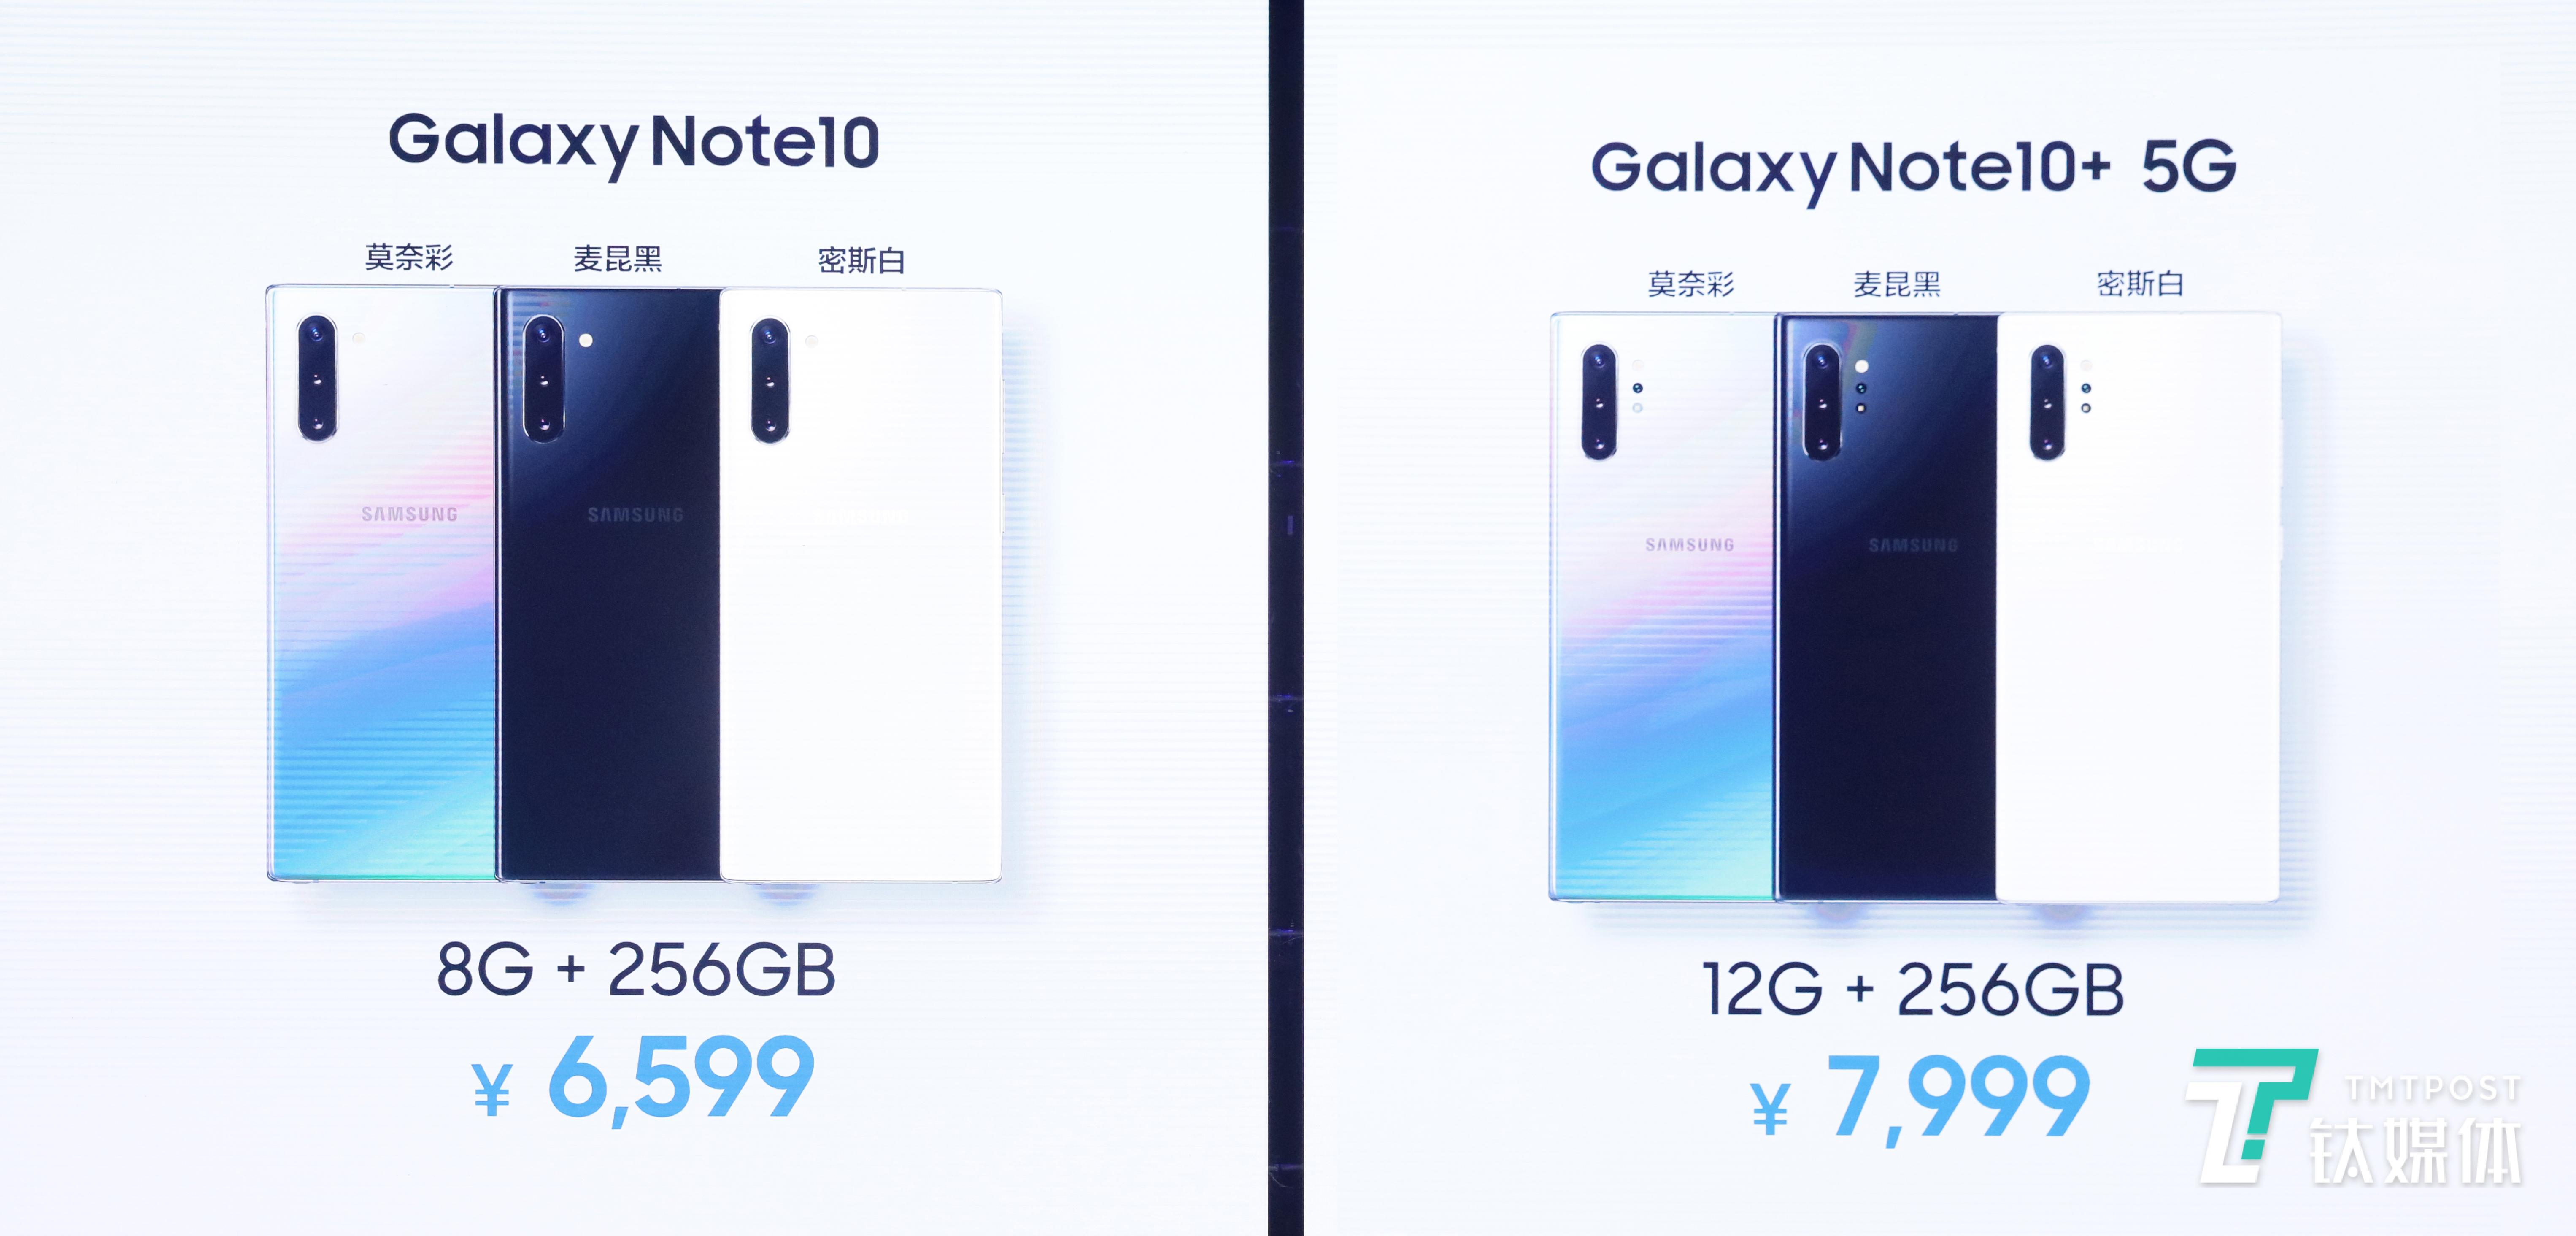 三星 Note 10 系列发布,5G 版售价为 7999 元丨钛快讯